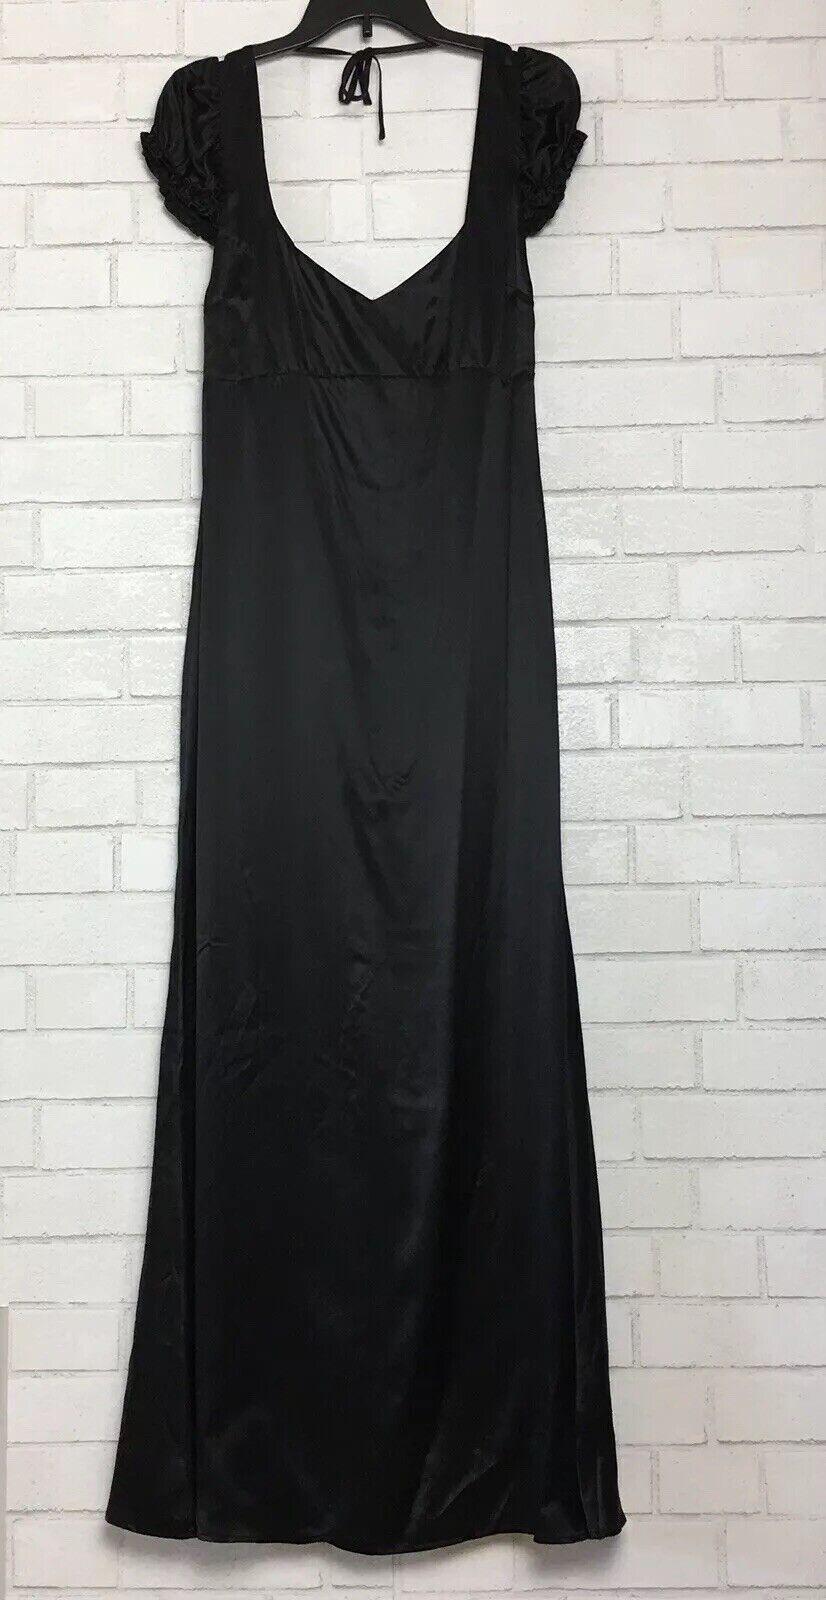 Reformation 100% soie noir robe longue taille 2 dos nu à hommecherons B1